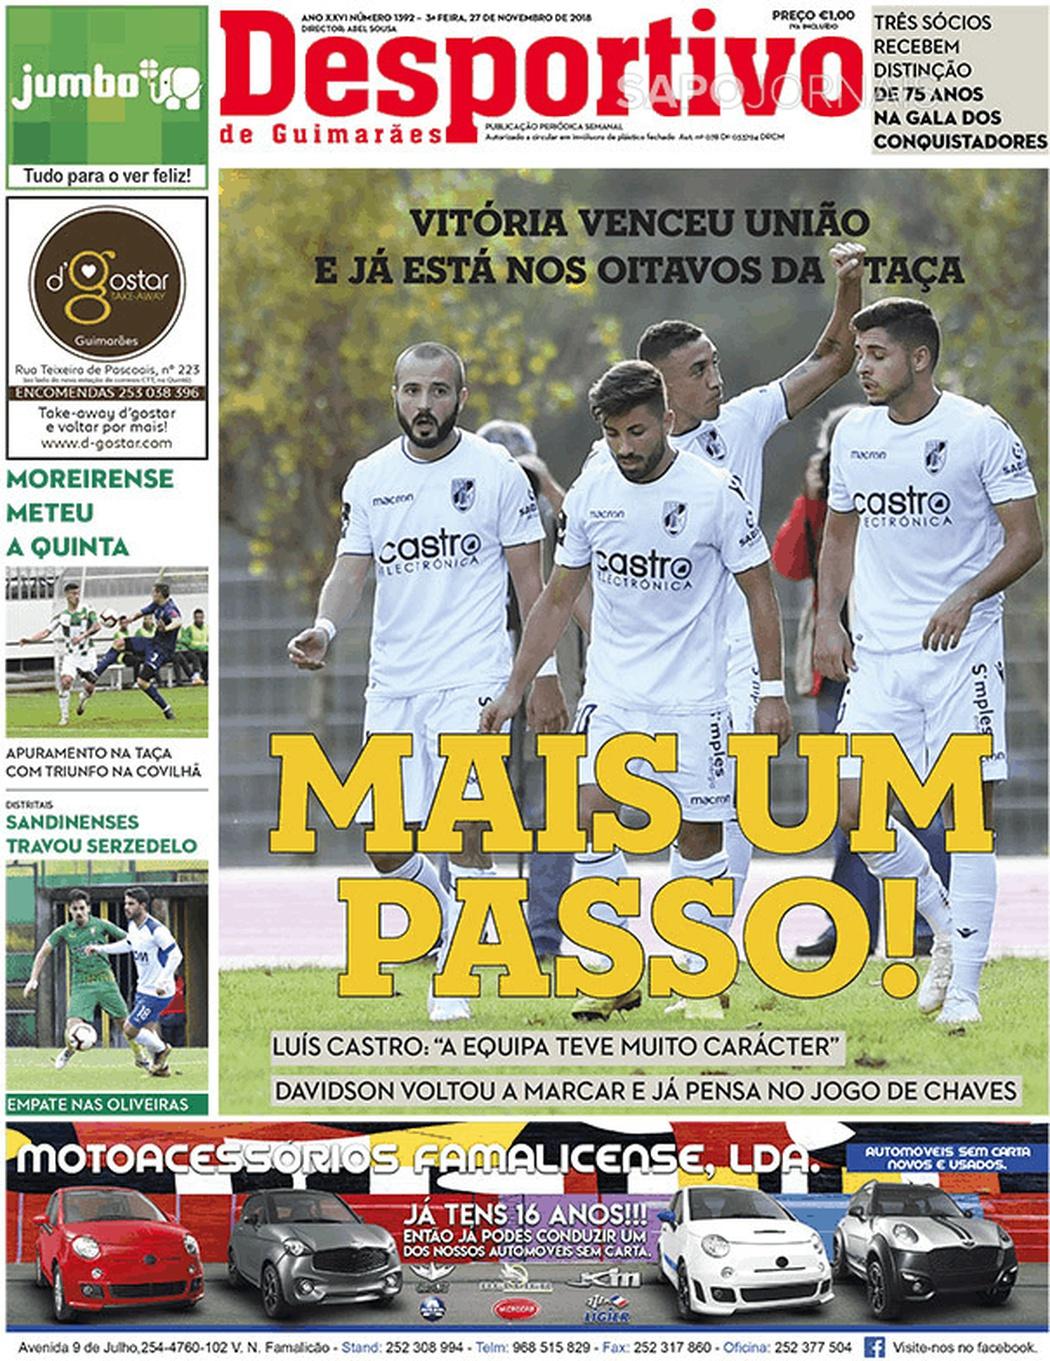 Banca De Jornais Desportivo De Guimarães 27 11 2018 Futebol 365